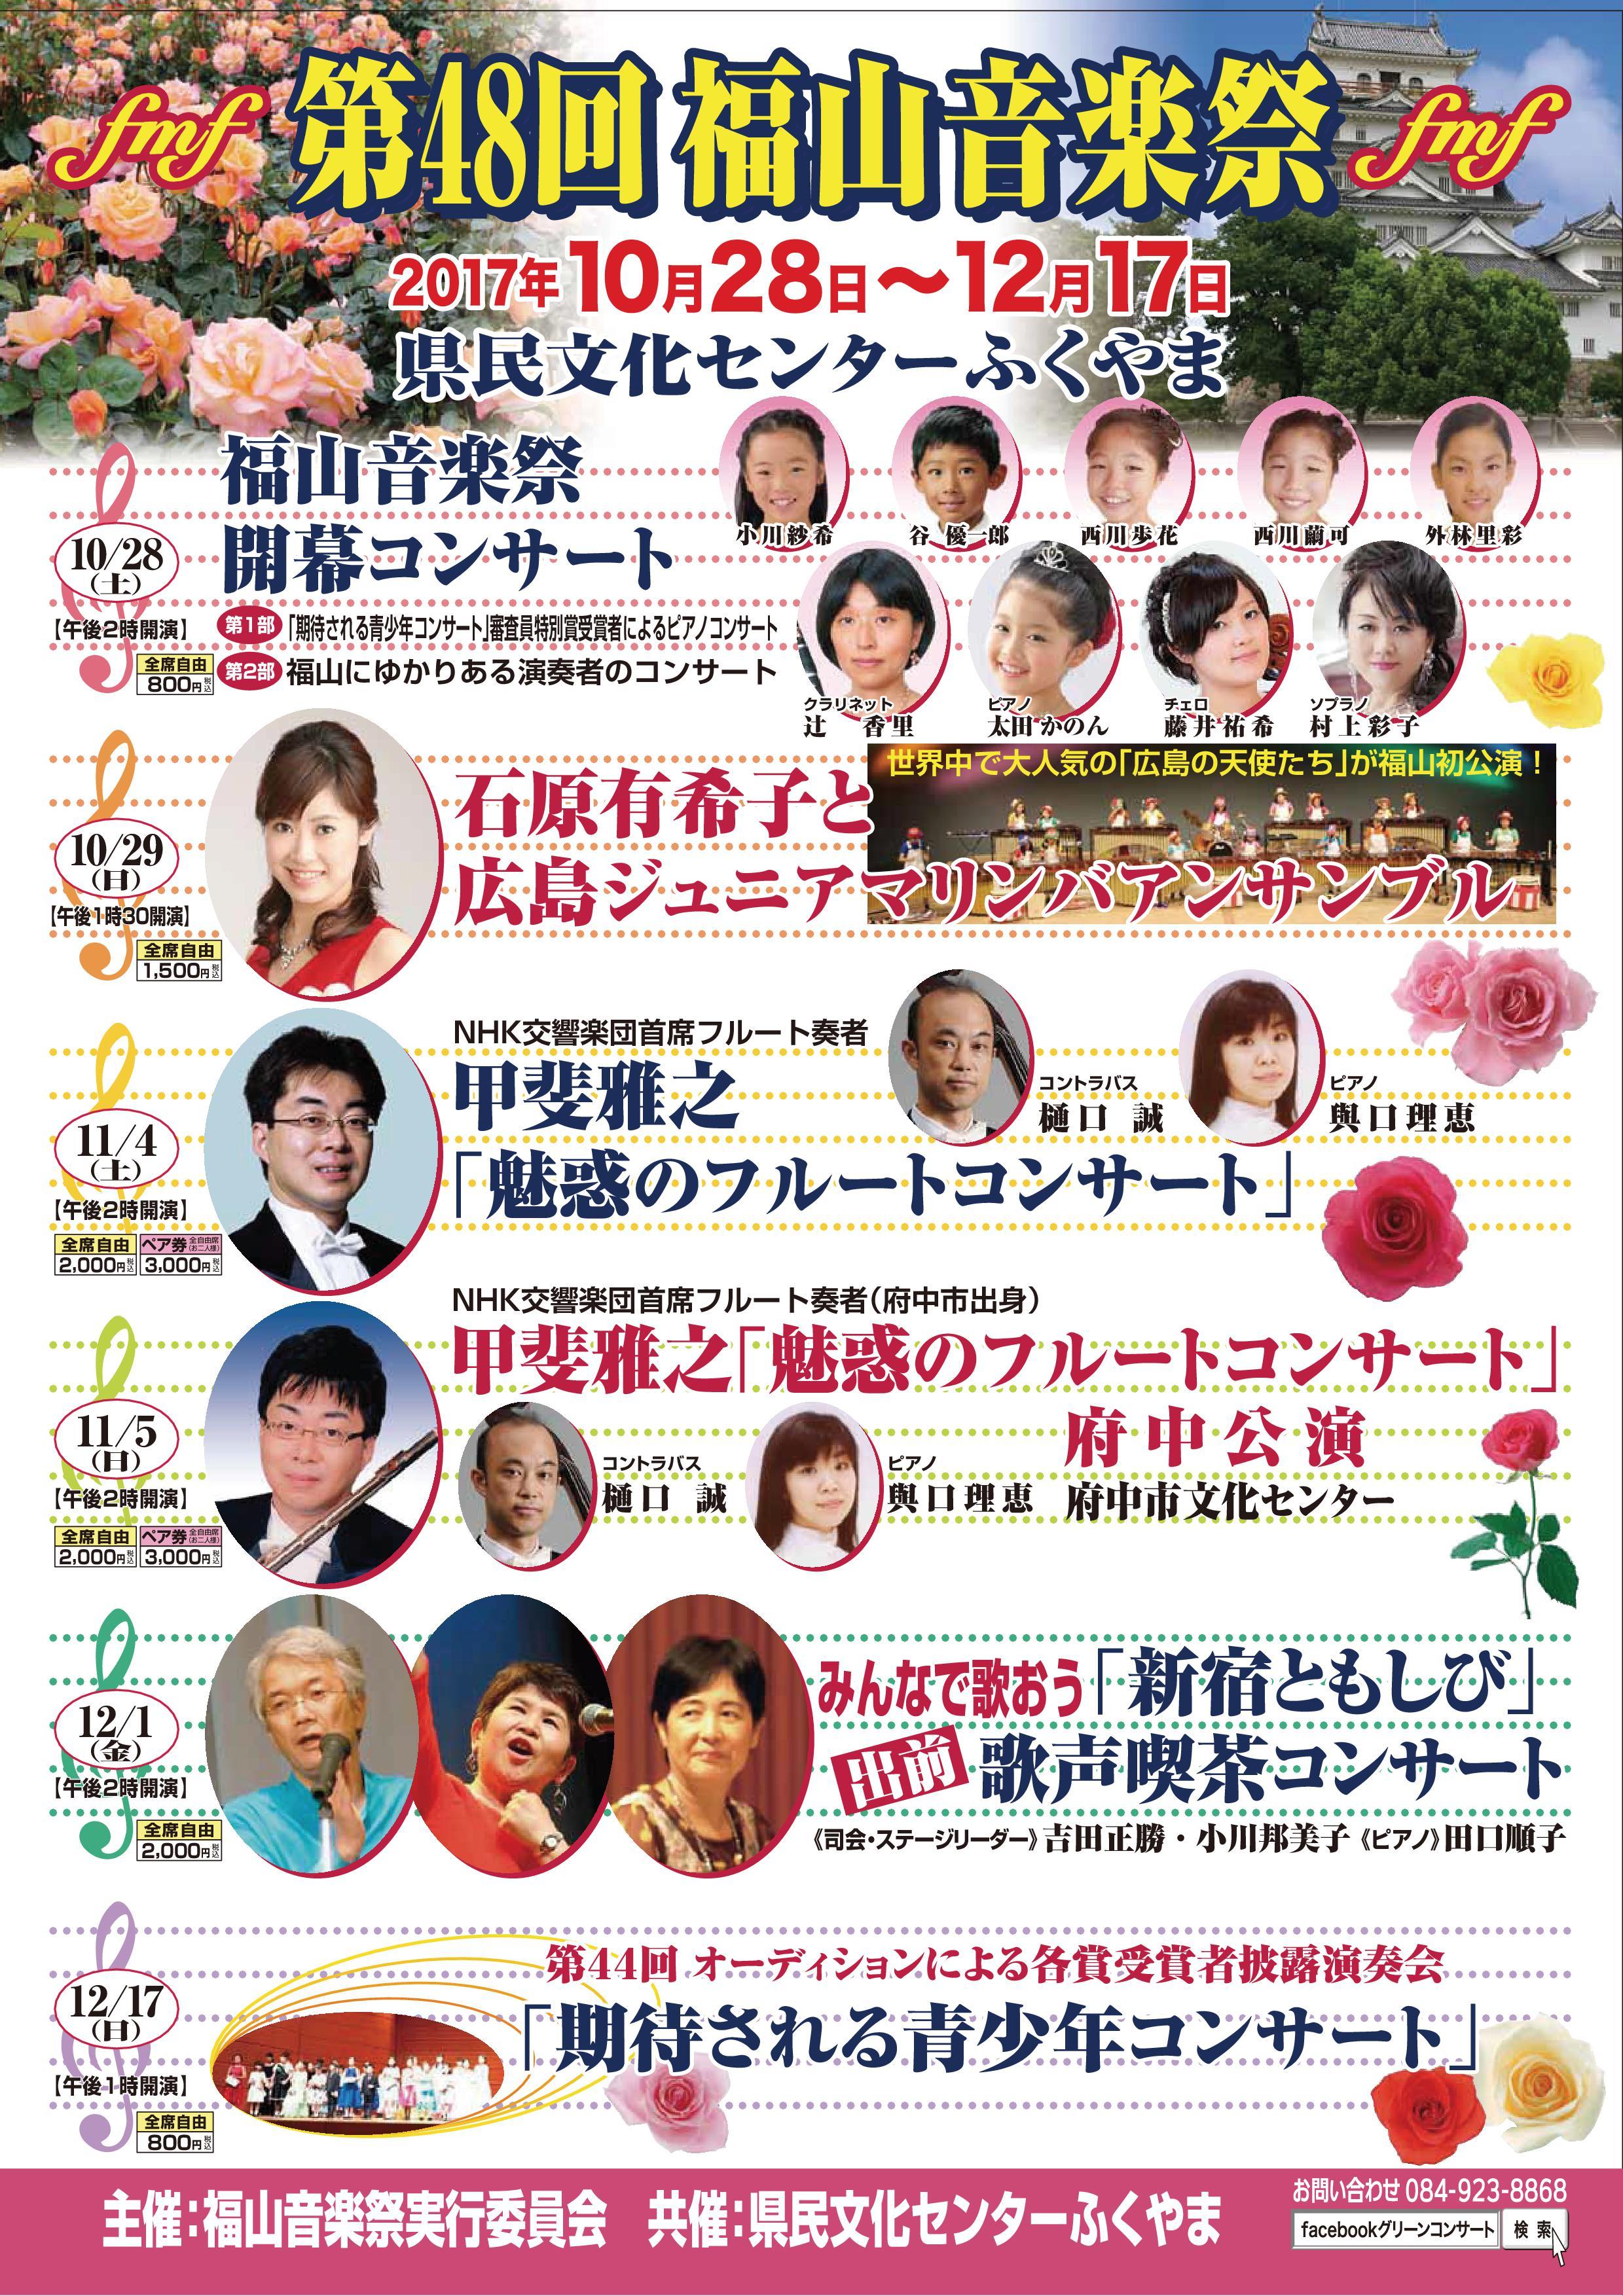 福山音楽祭ポスター